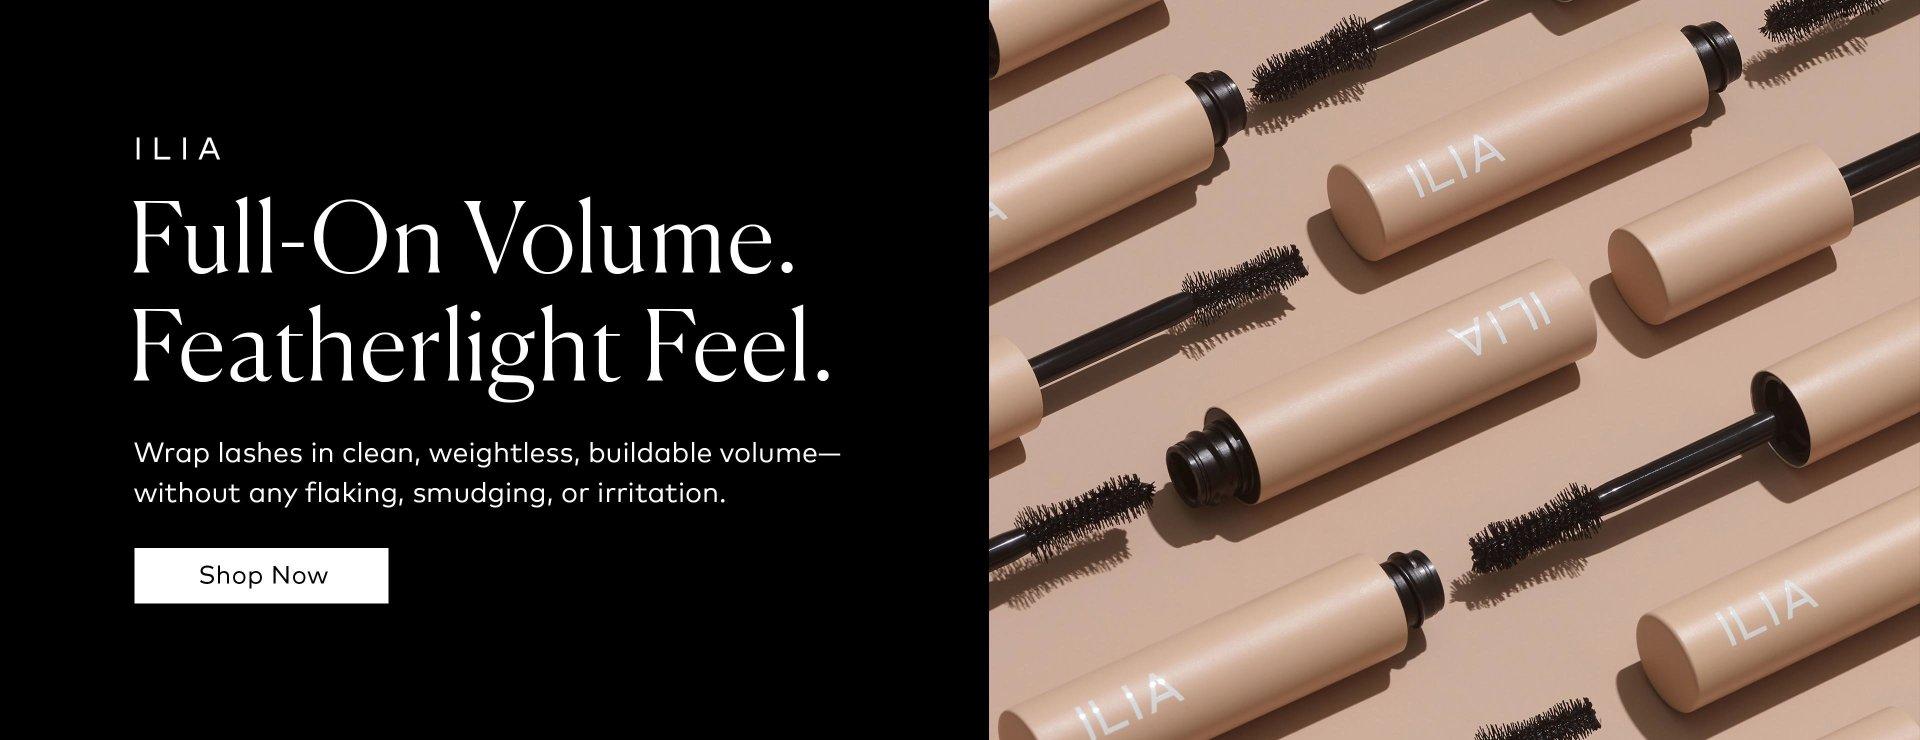 Shop ILIA's Fullest Volumizing Mascara on Beautylish.com